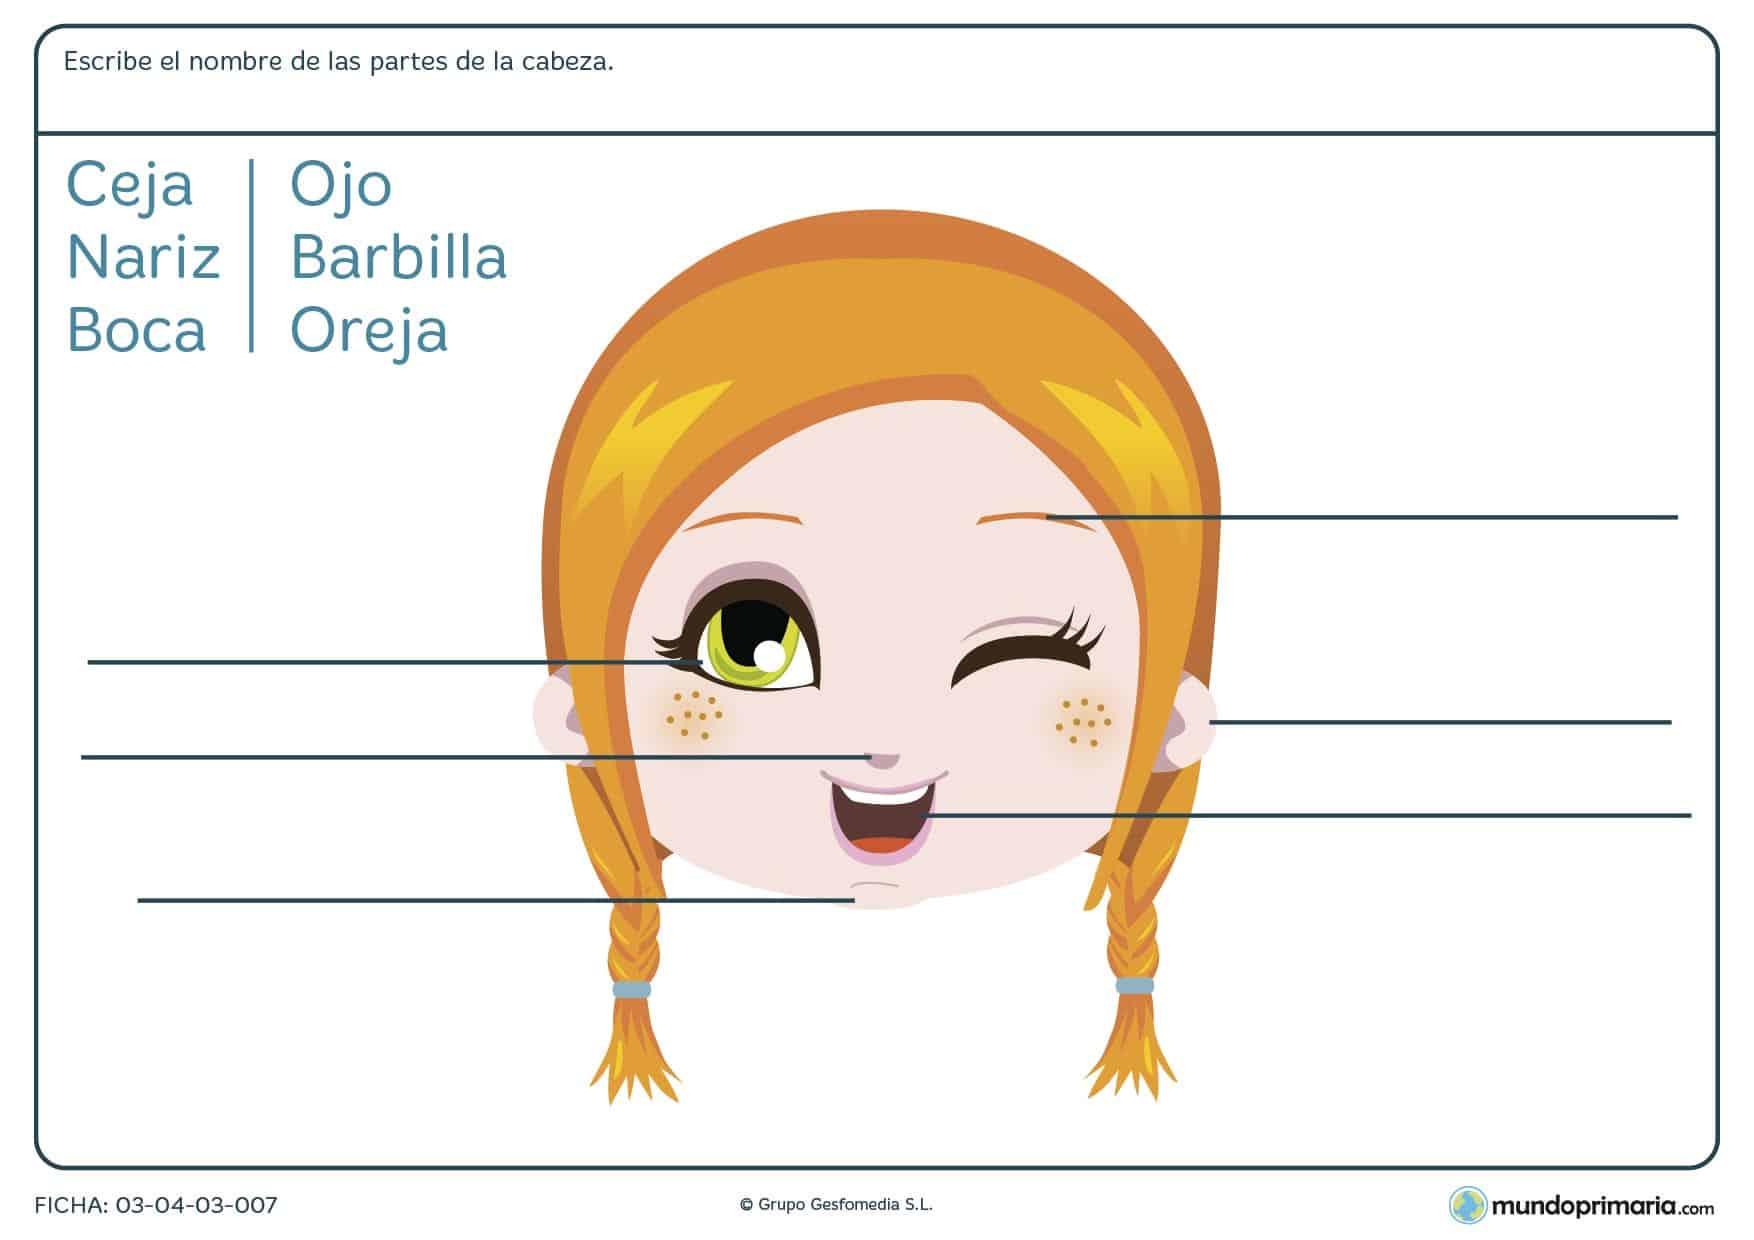 Ficha de nombrar las partes de la cara en la que los niños de 1º de primaria estudian el nombre de las partes de la cara